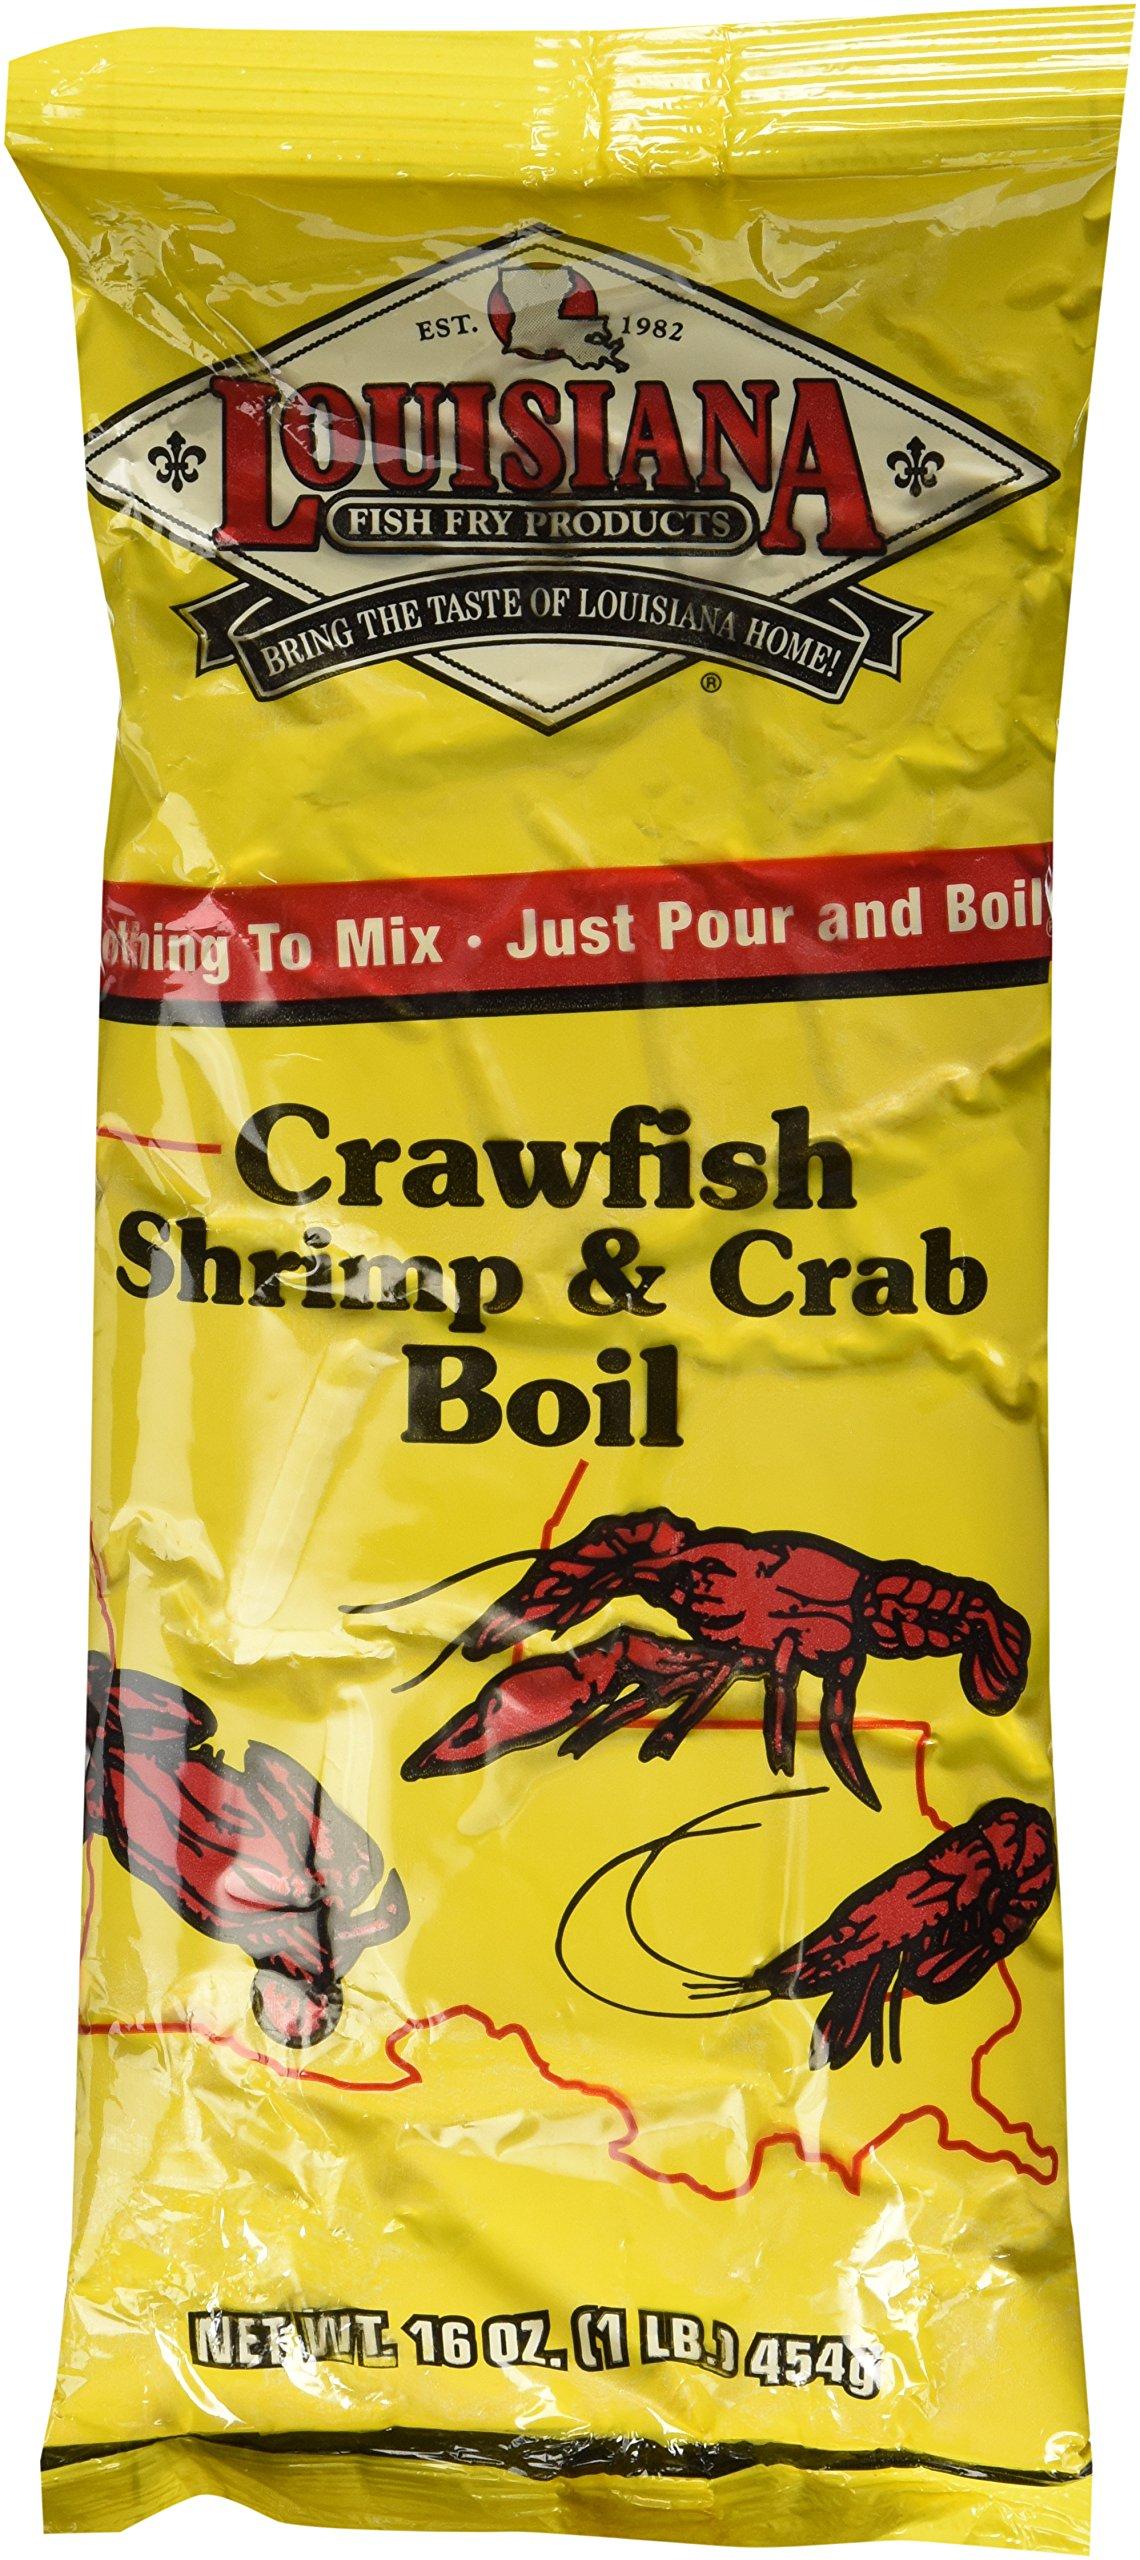 Louisiana Fish Fry Crawfish, Shrimp & Crab Boil, 16oz,(Pack of 3)